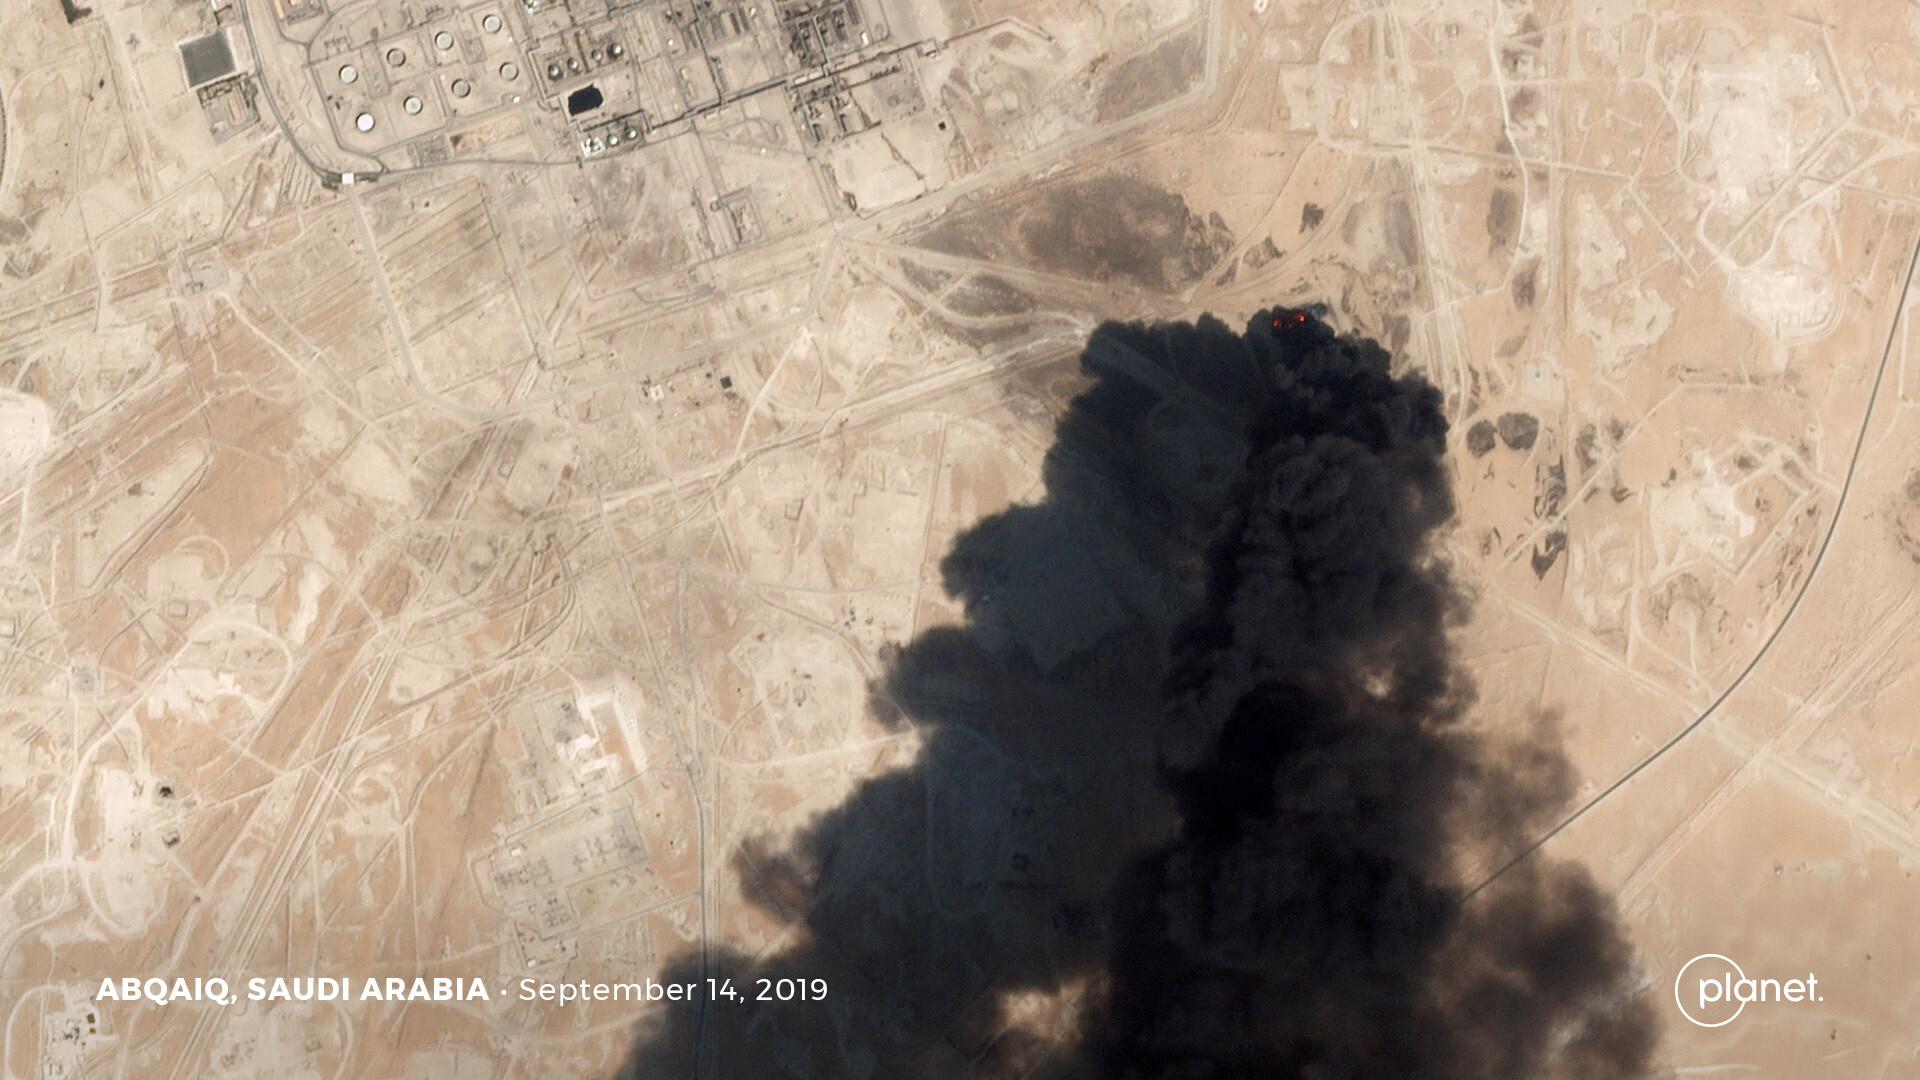 الخارجية السعودية: سندعوخبراء دوليين وأممين للمشاركة في التحقيقات بخصوص الهجوم على أرامكو